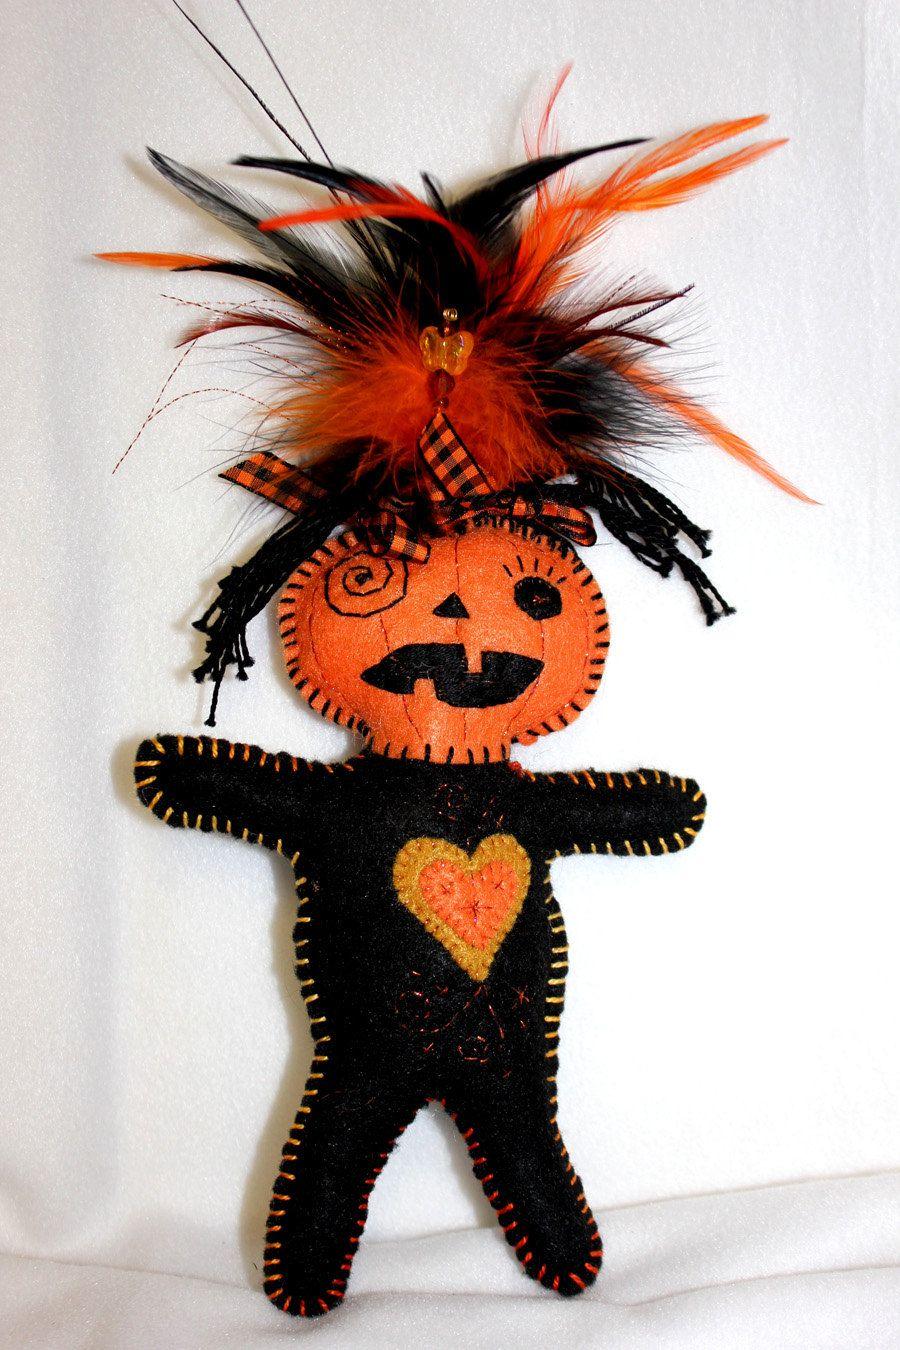 Pumpkin Voodoo Wishing Doll.